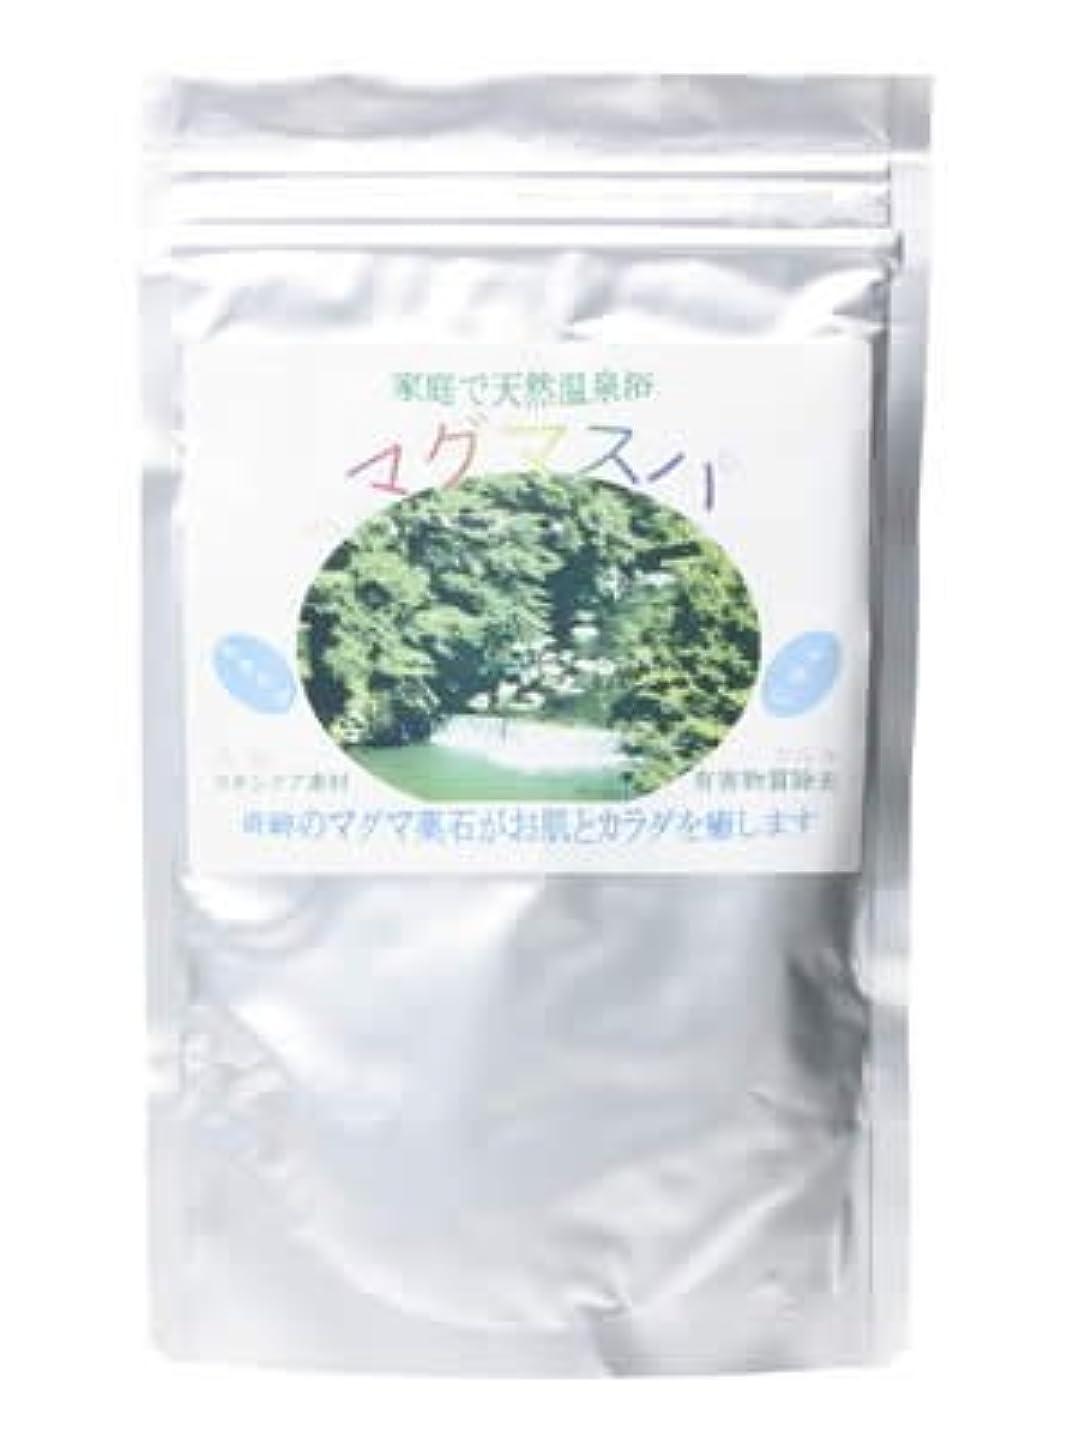 マーケティングリスキーなフルーツ天然薬石入浴剤マグマスパ 360g